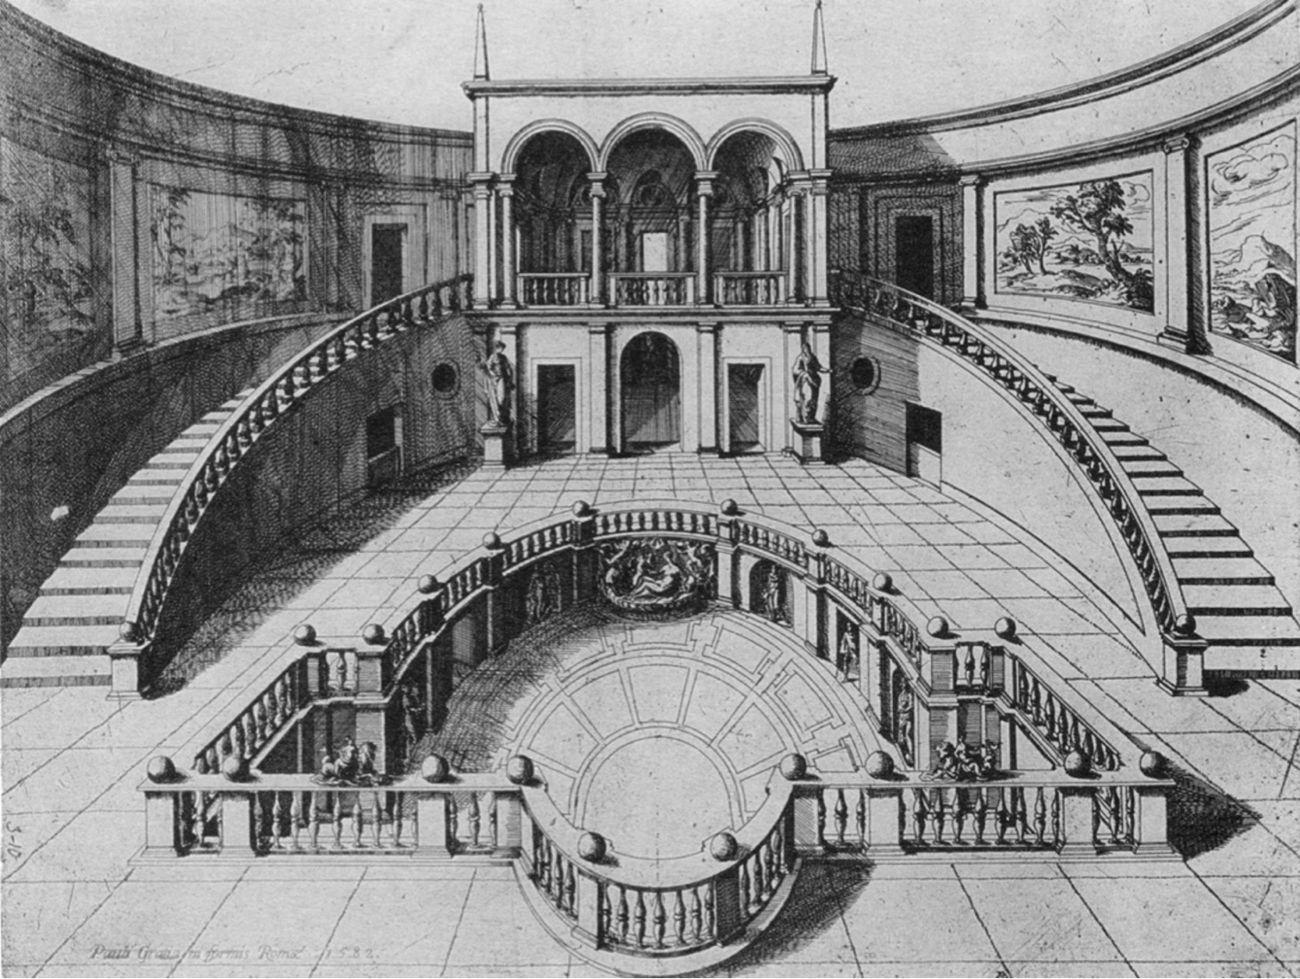 Antoine Lafréry, veduta del ninfeo e della loggia, immagine tratta da John Coolidge, The Villa Giulia. A study of Central Italian Architecture in the Mid Sixteenth Century